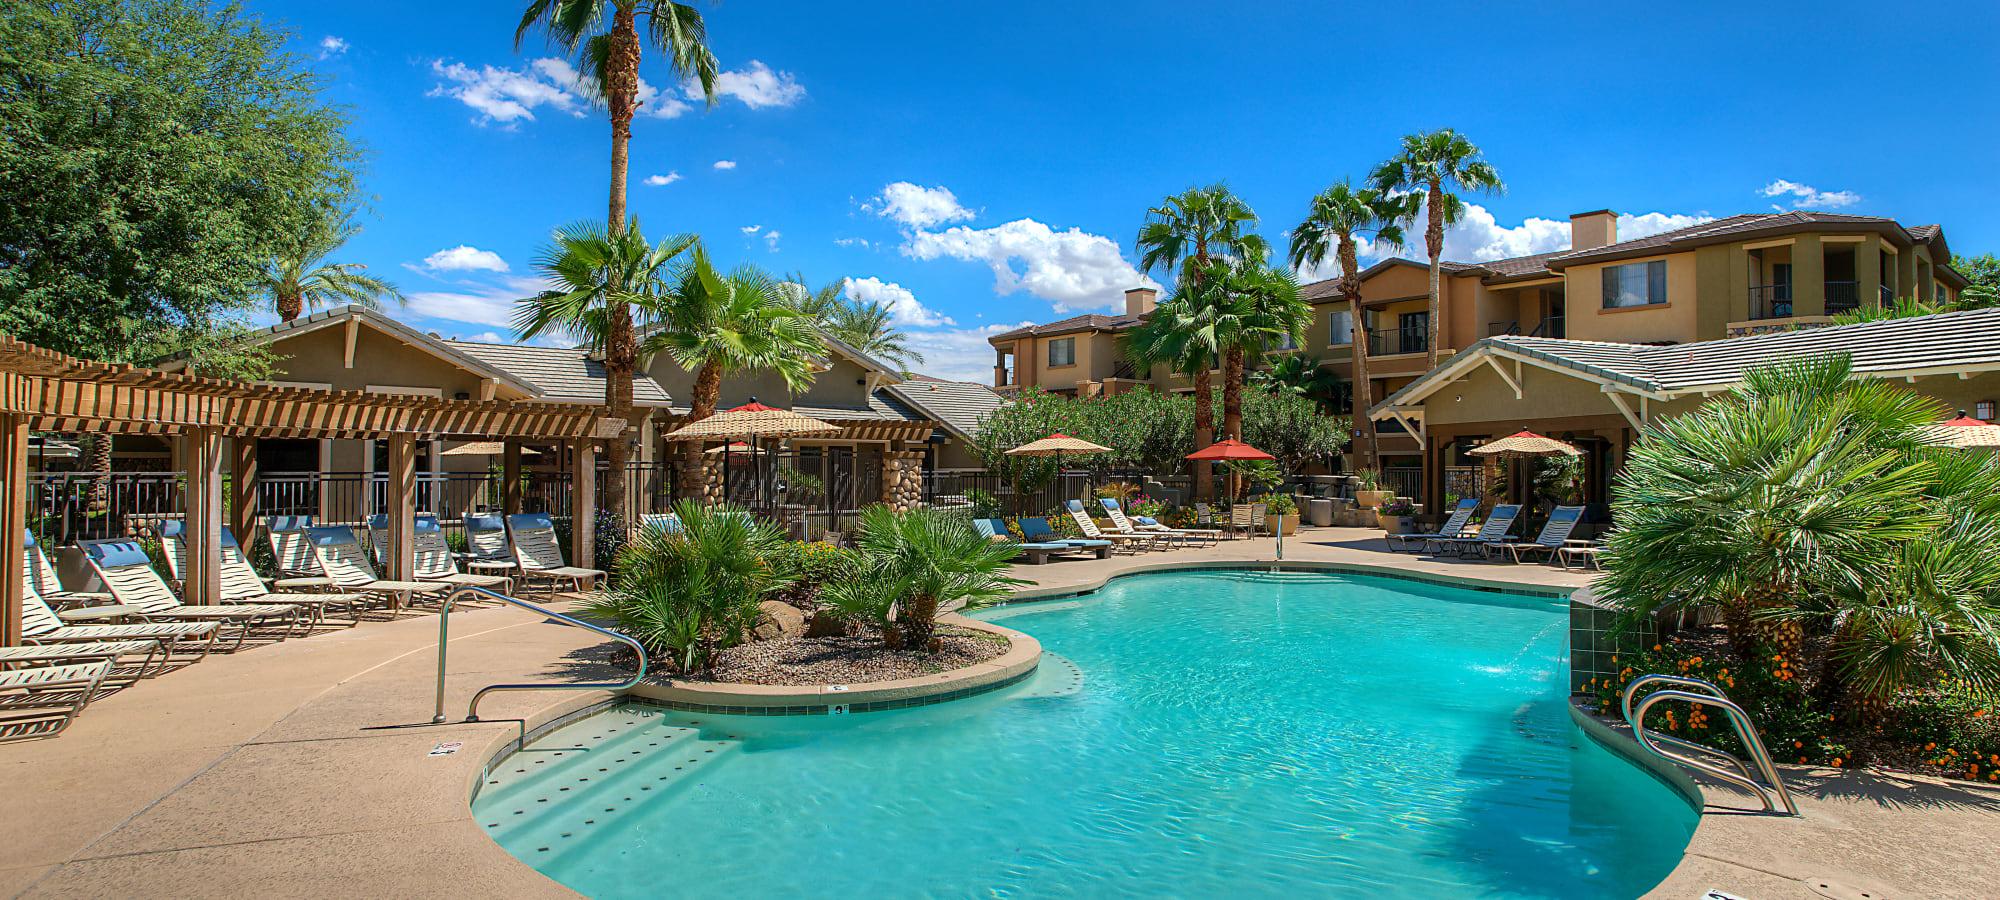 Swimming pool at Azul at Spectrum in Gilbert, Arizona